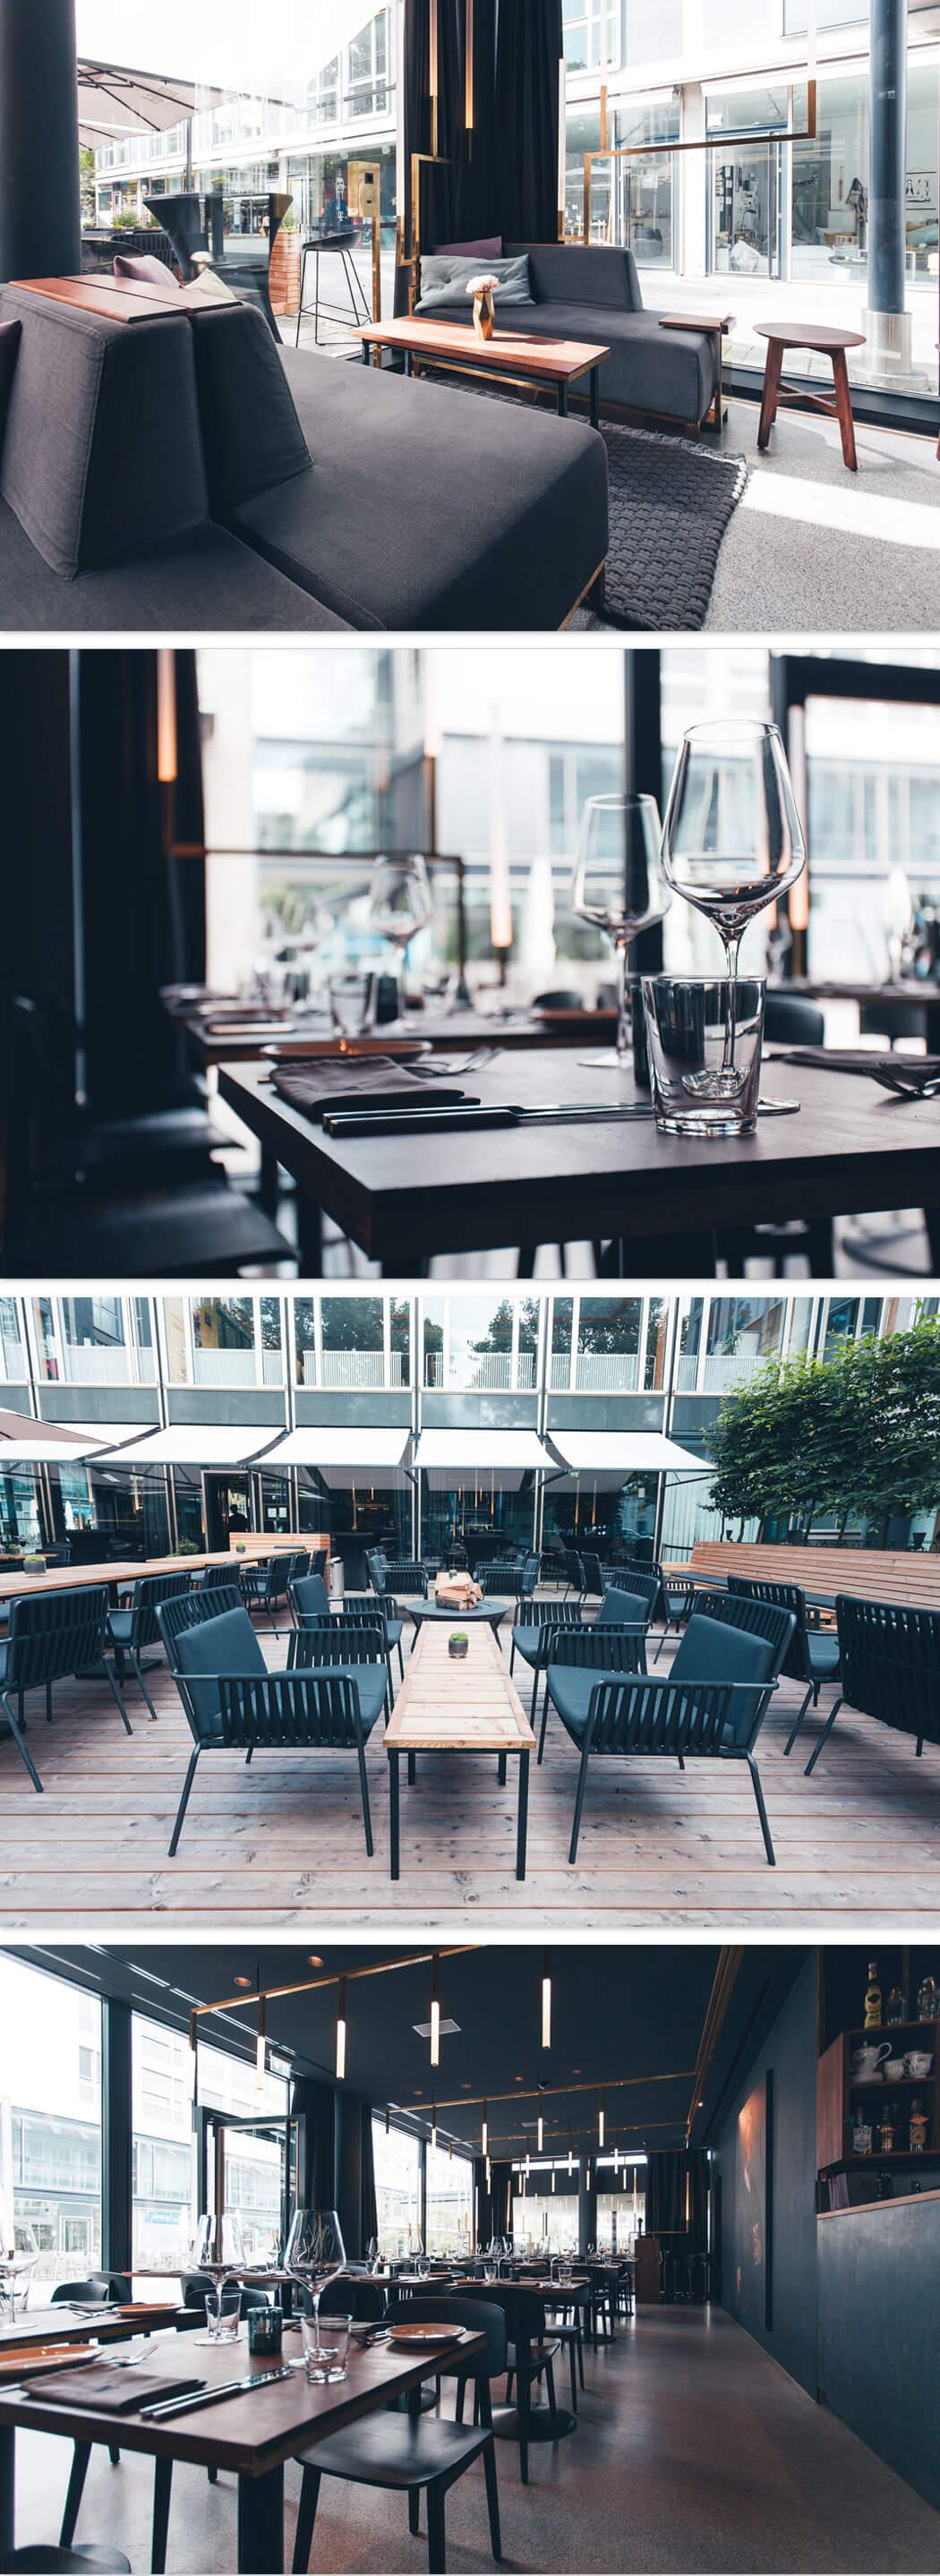 München - Zusammen die Maxburg entdecken